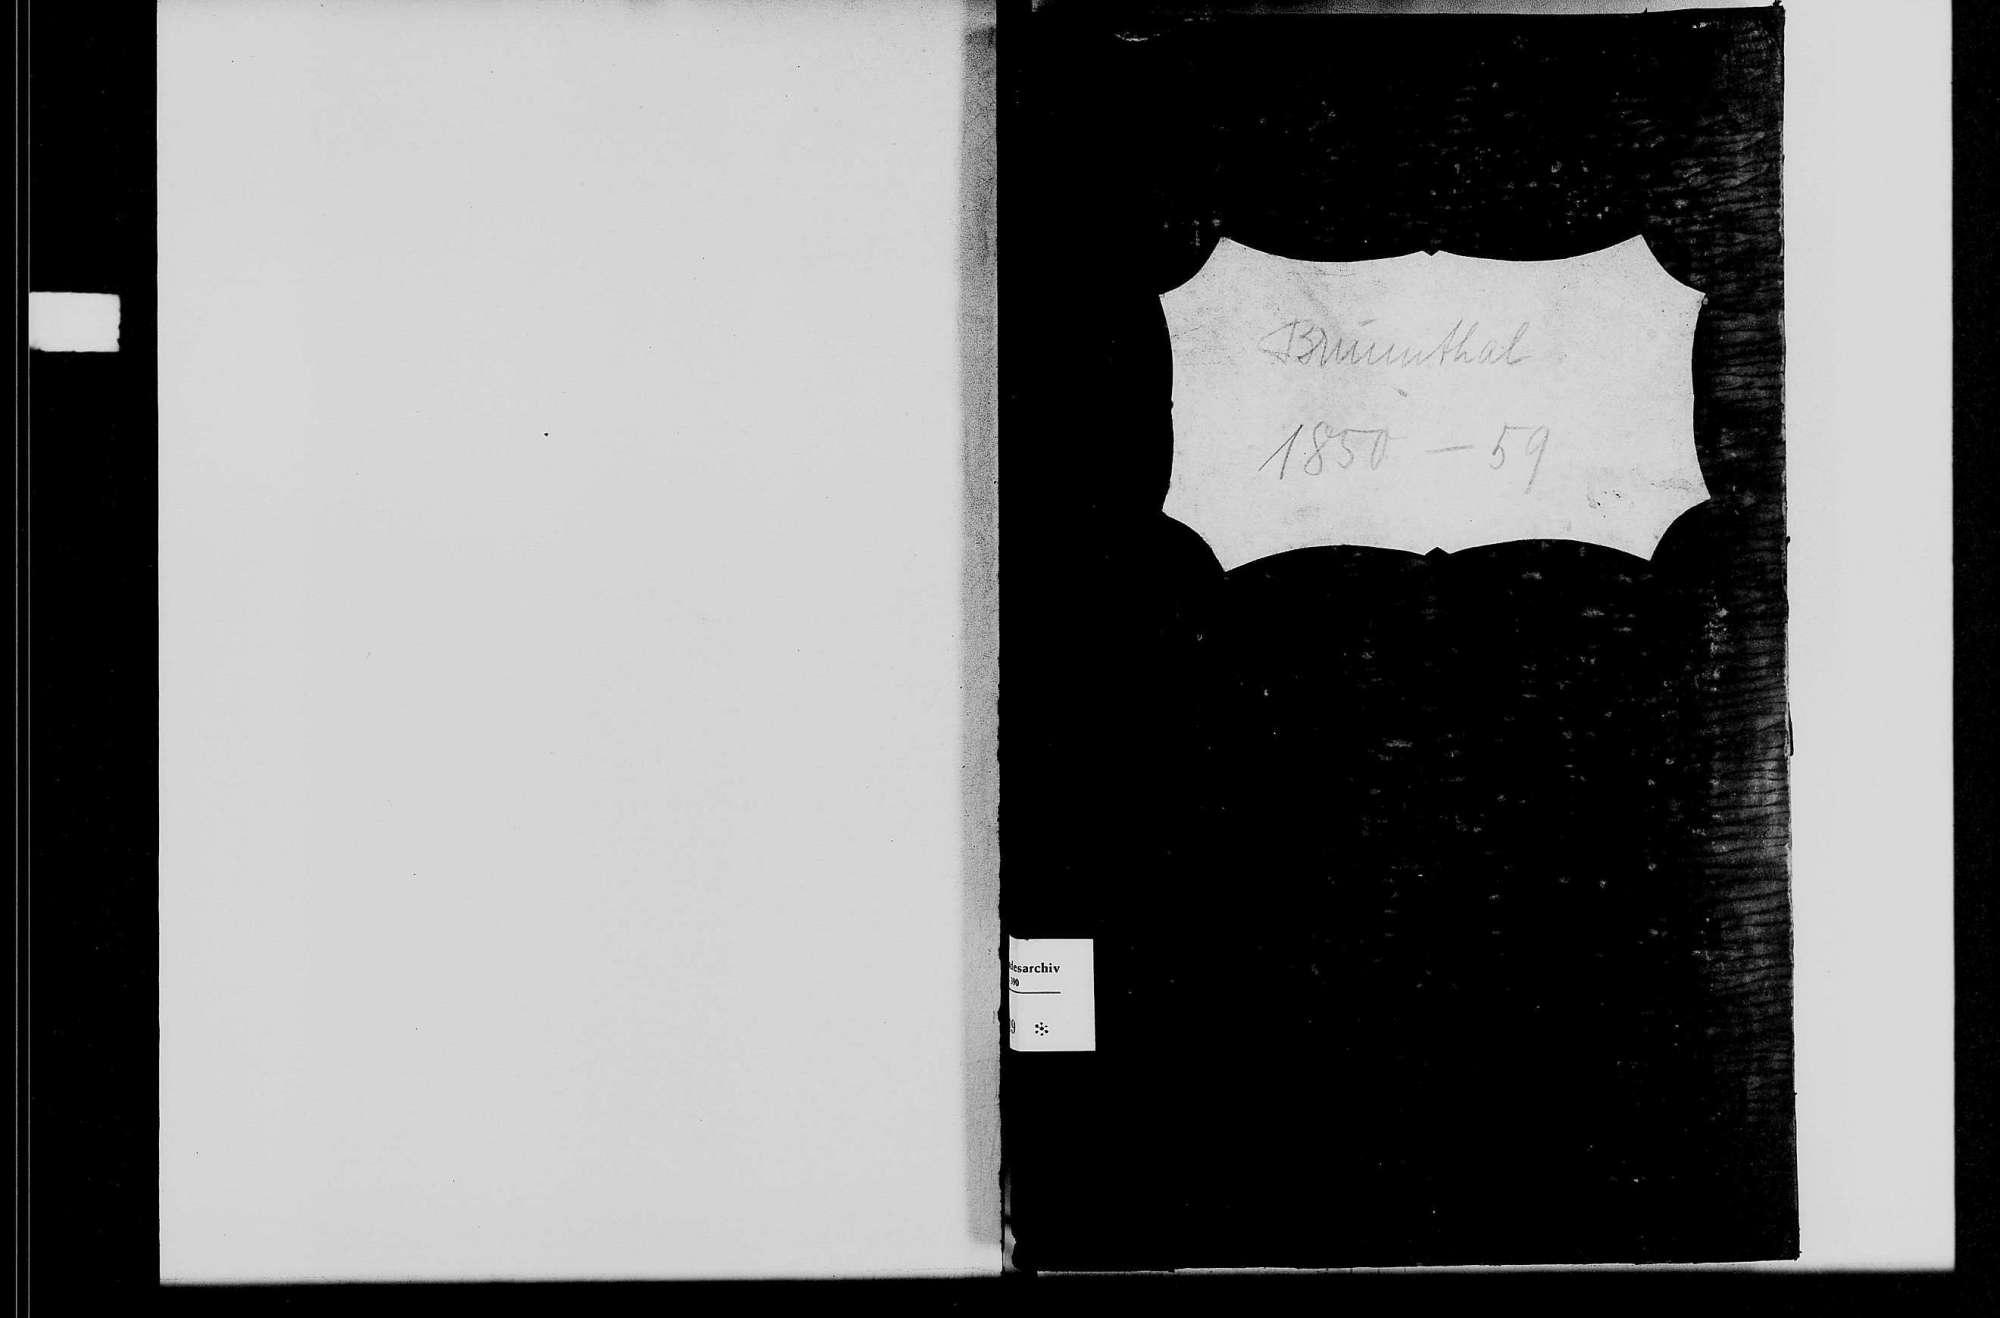 Brunntal, katholische Gemeinde: Standesbuch 1850-1859, Bild 1